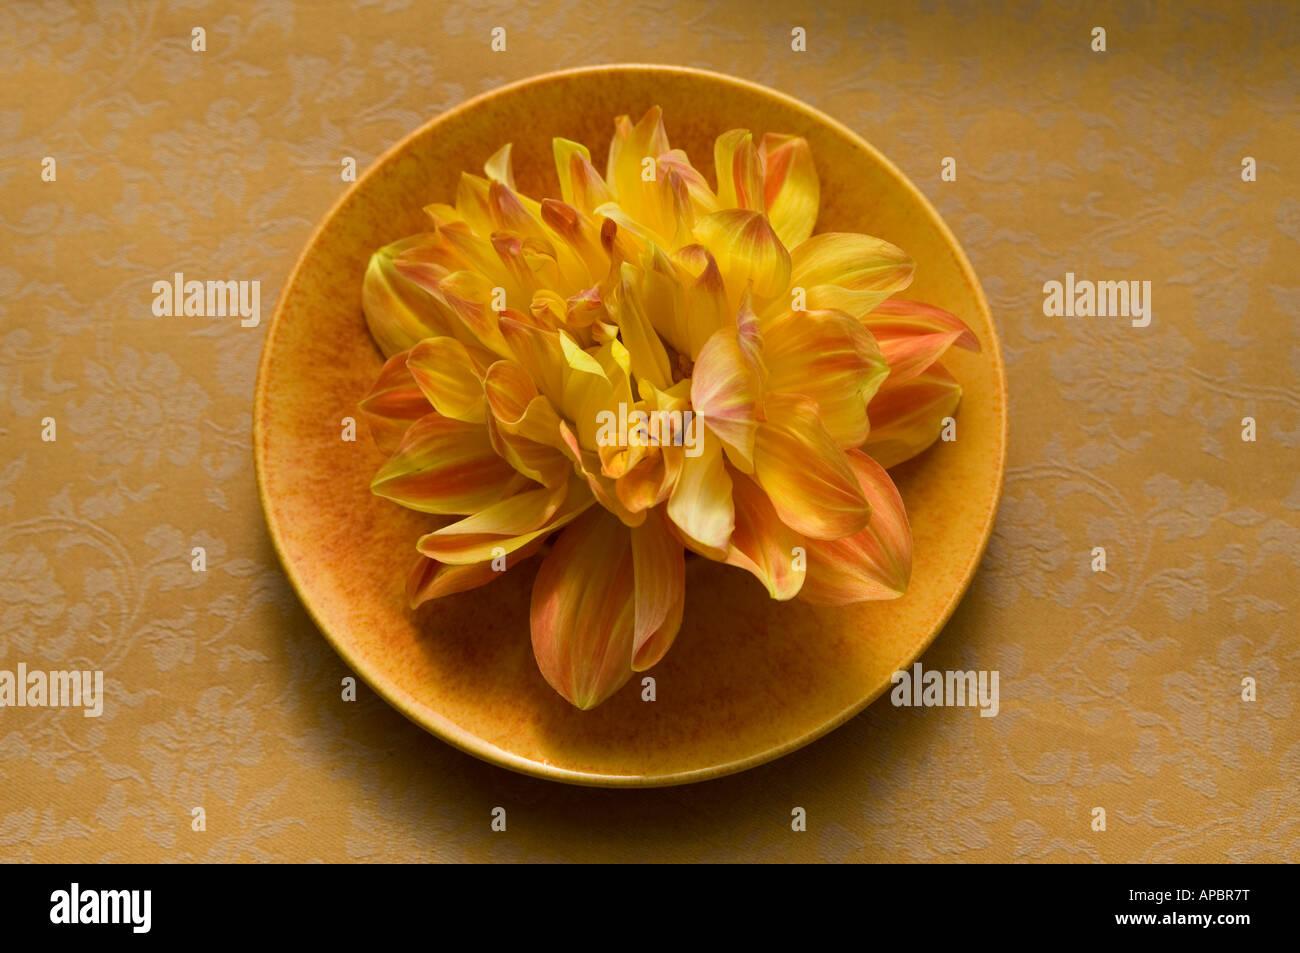 Dalia flor amarilla en la placa todavía la vida Naranja amarillo círculo sencillo Imagen De Stock